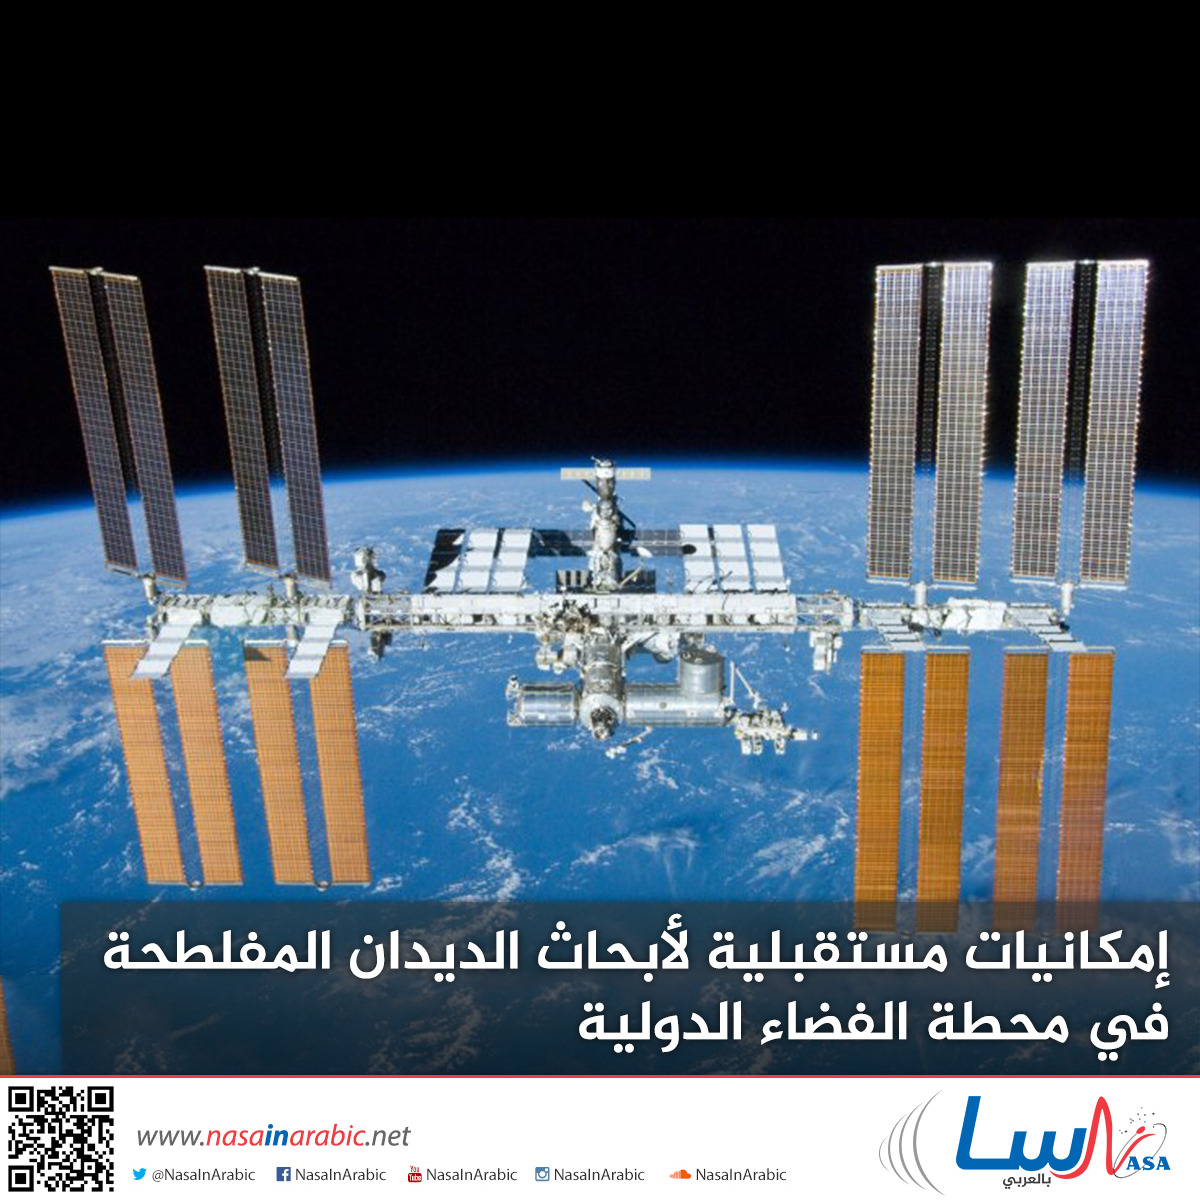 إمكانيات مستقبلية لأبحاث الديدان المفلطحة في محطة الفضاء الدولية